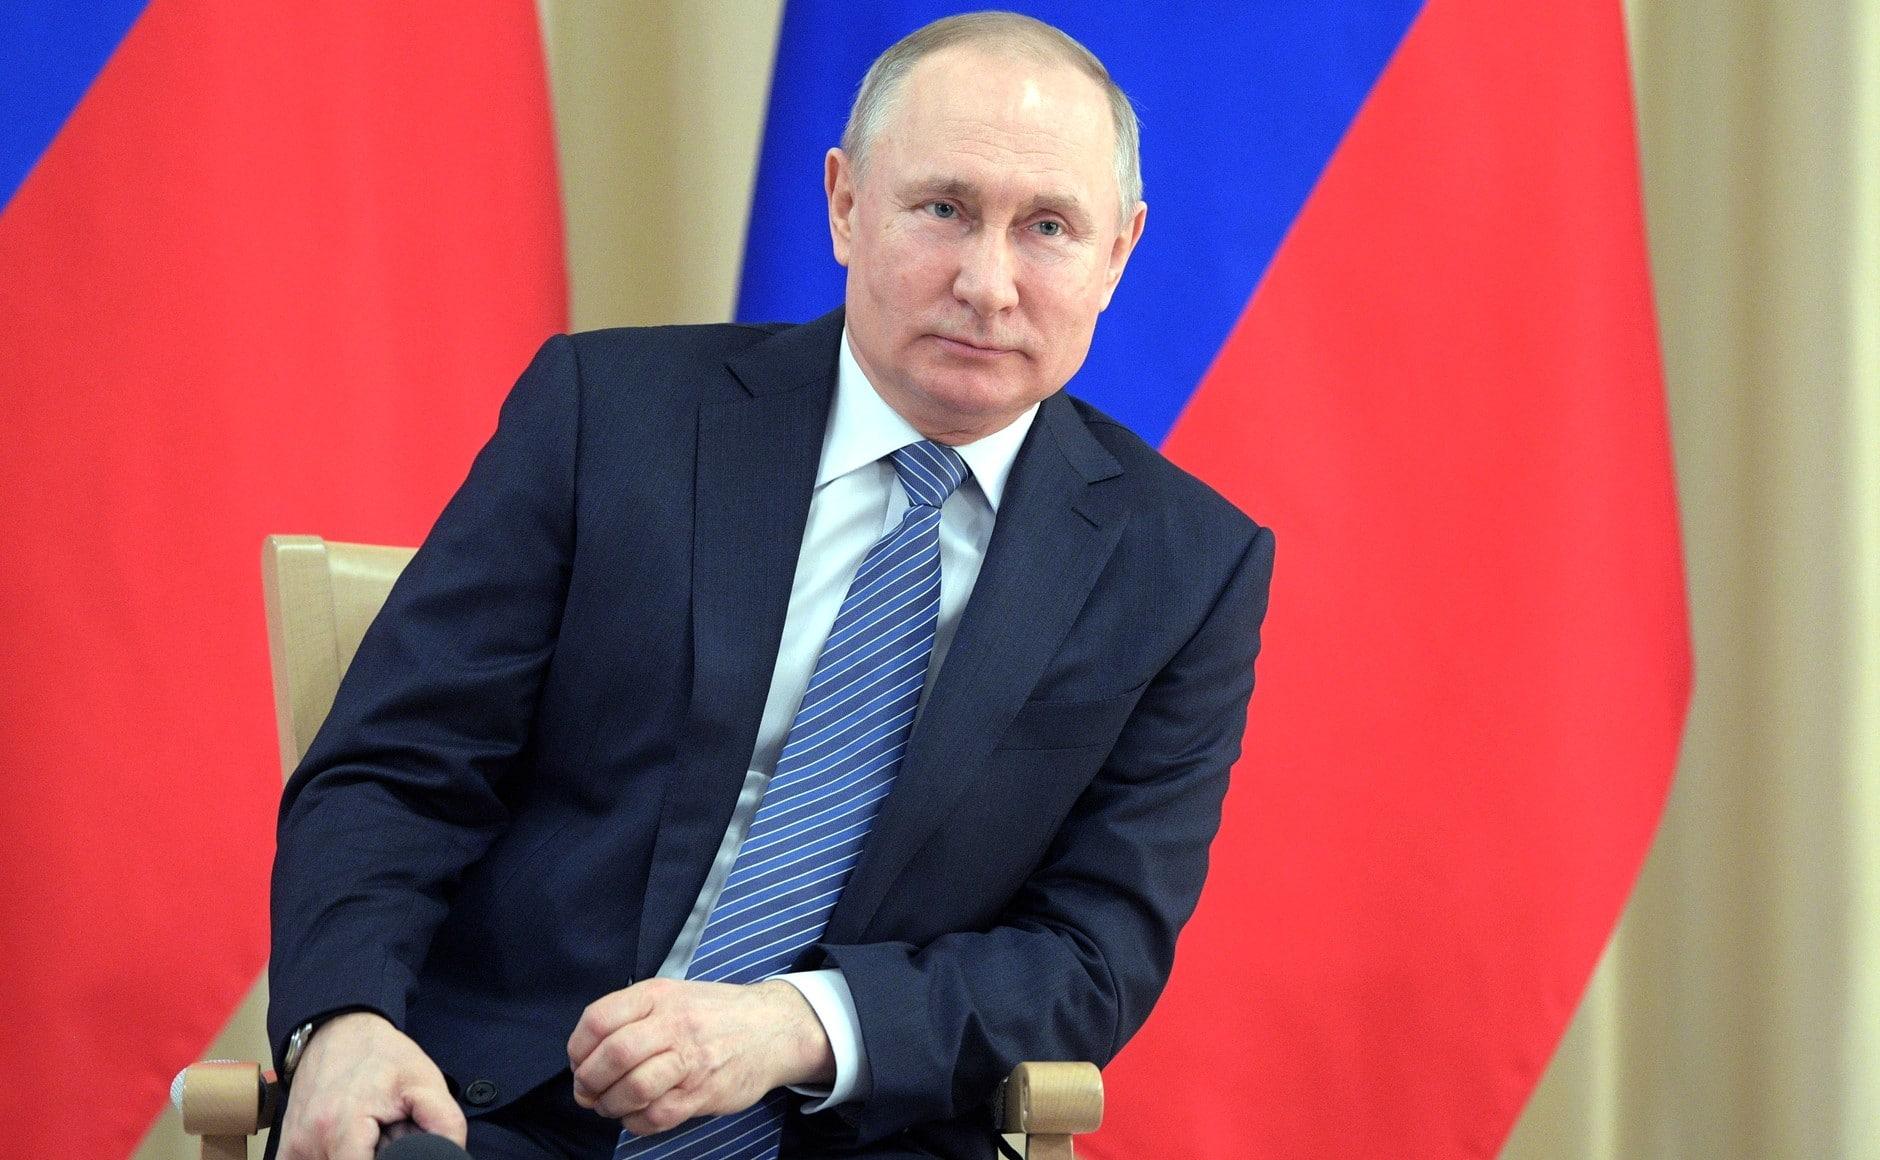 Putyin: Oroszország két-három hónapnál rövidebb idő alatt legyőzheti a koronavírust